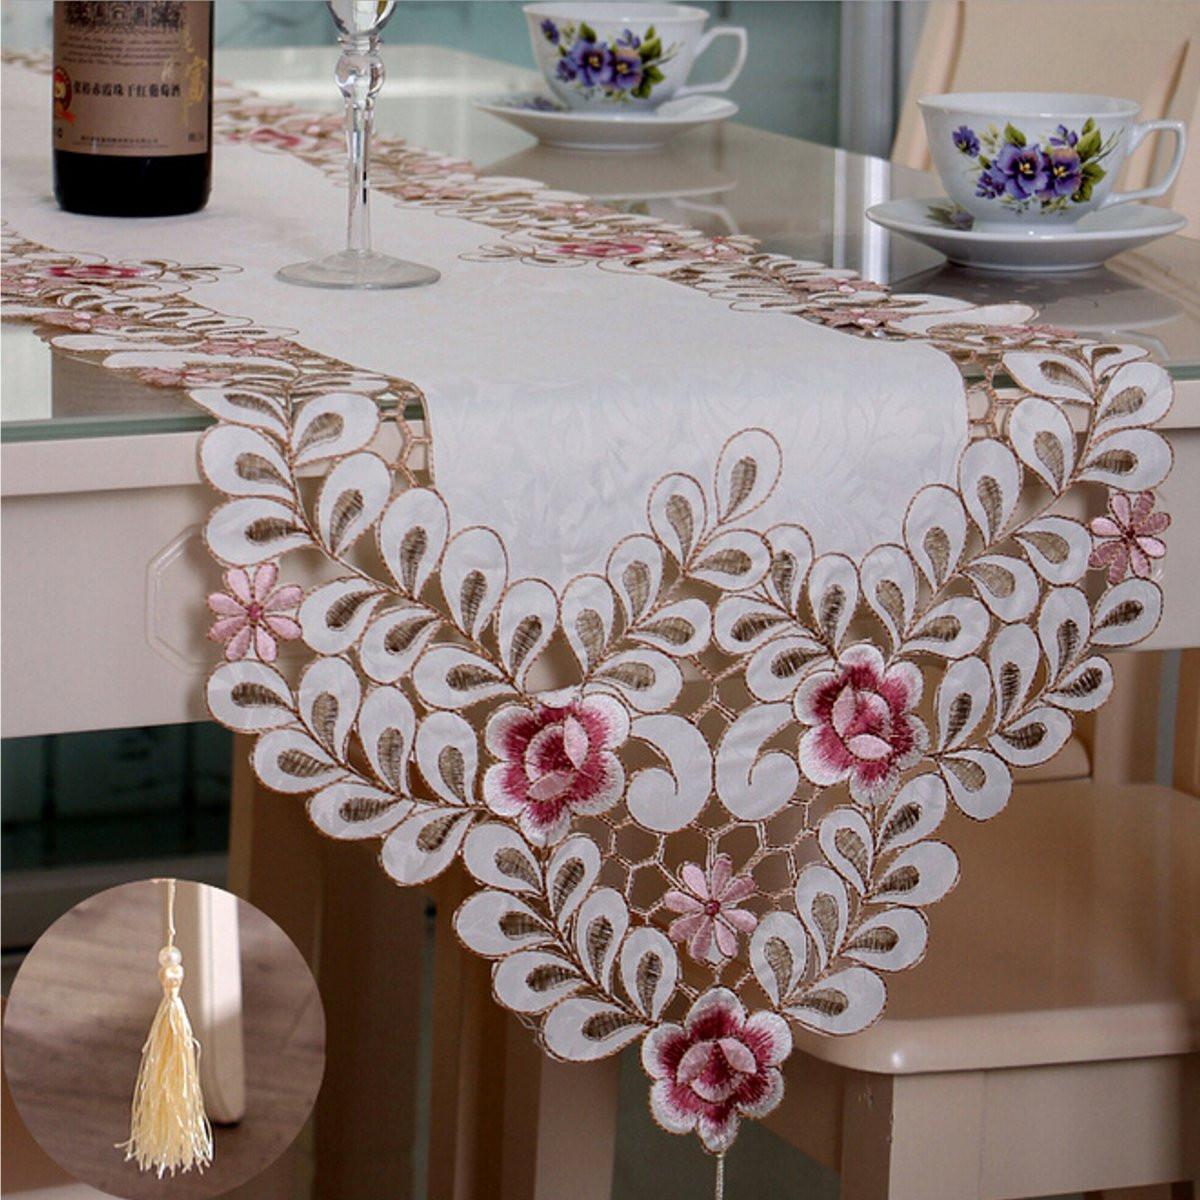 Четыре размера пастырской бегун стол цветок скатерть свадьба домой декоративный коврик